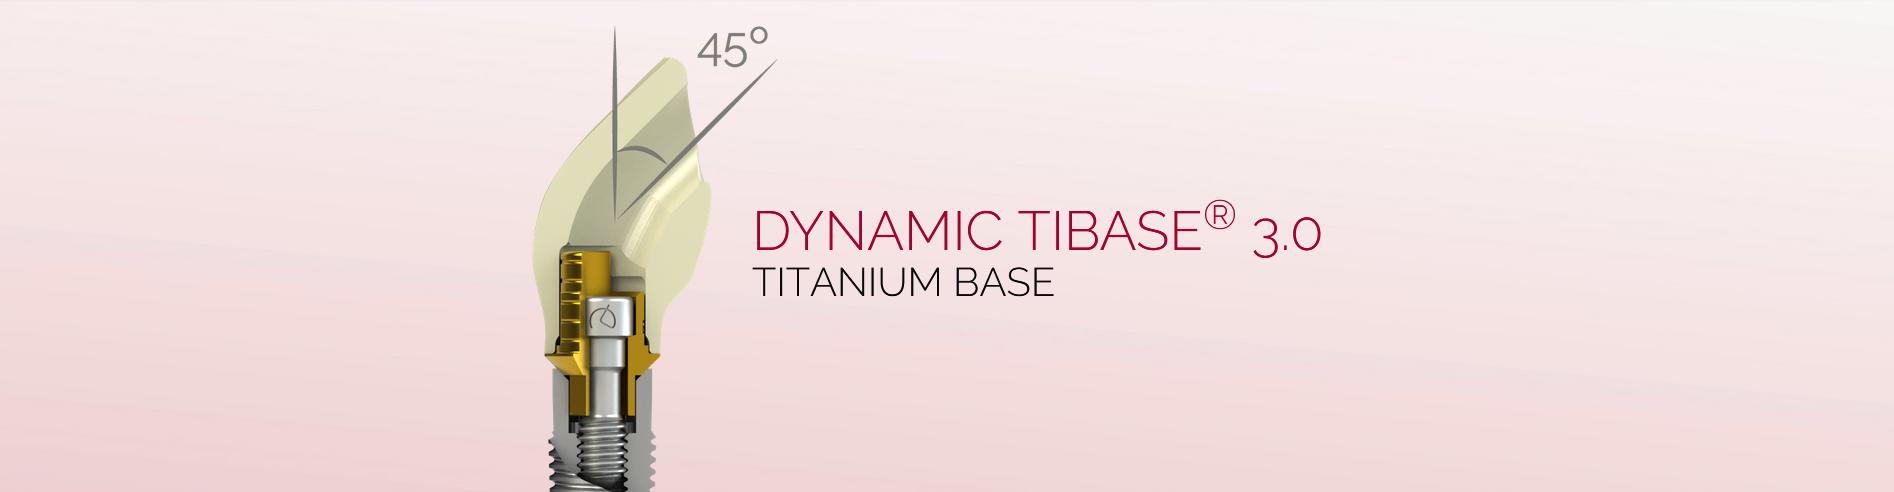 das titanium base